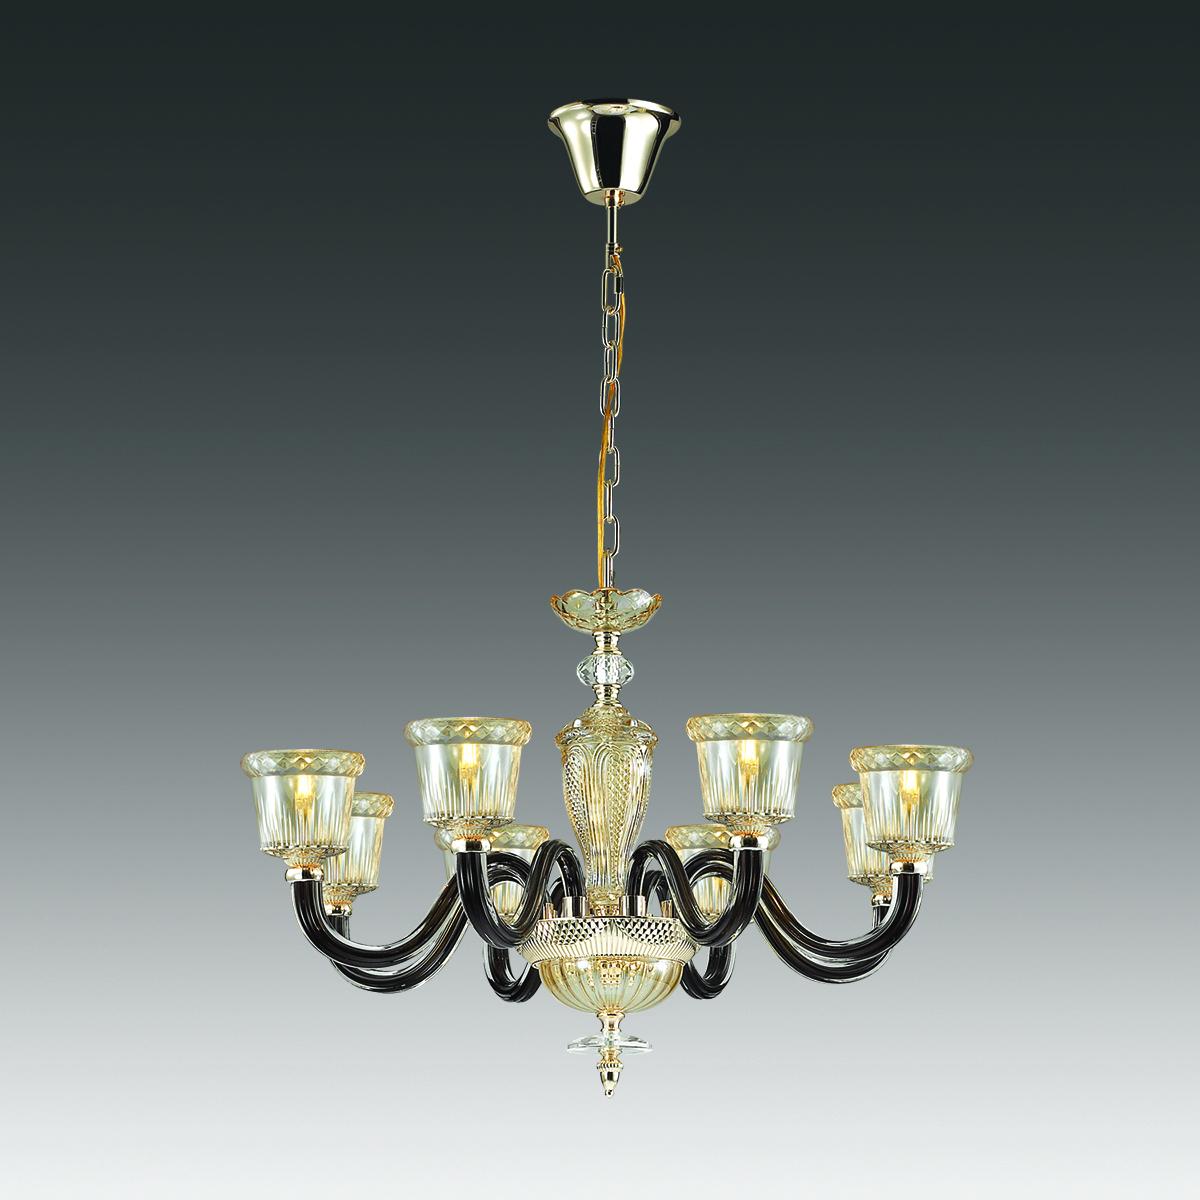 Подвесная люстра Odeon Light Classic Giovanni 4000/8, 8xE14x40W, золото, янтарь, черный, стекло - фото 1